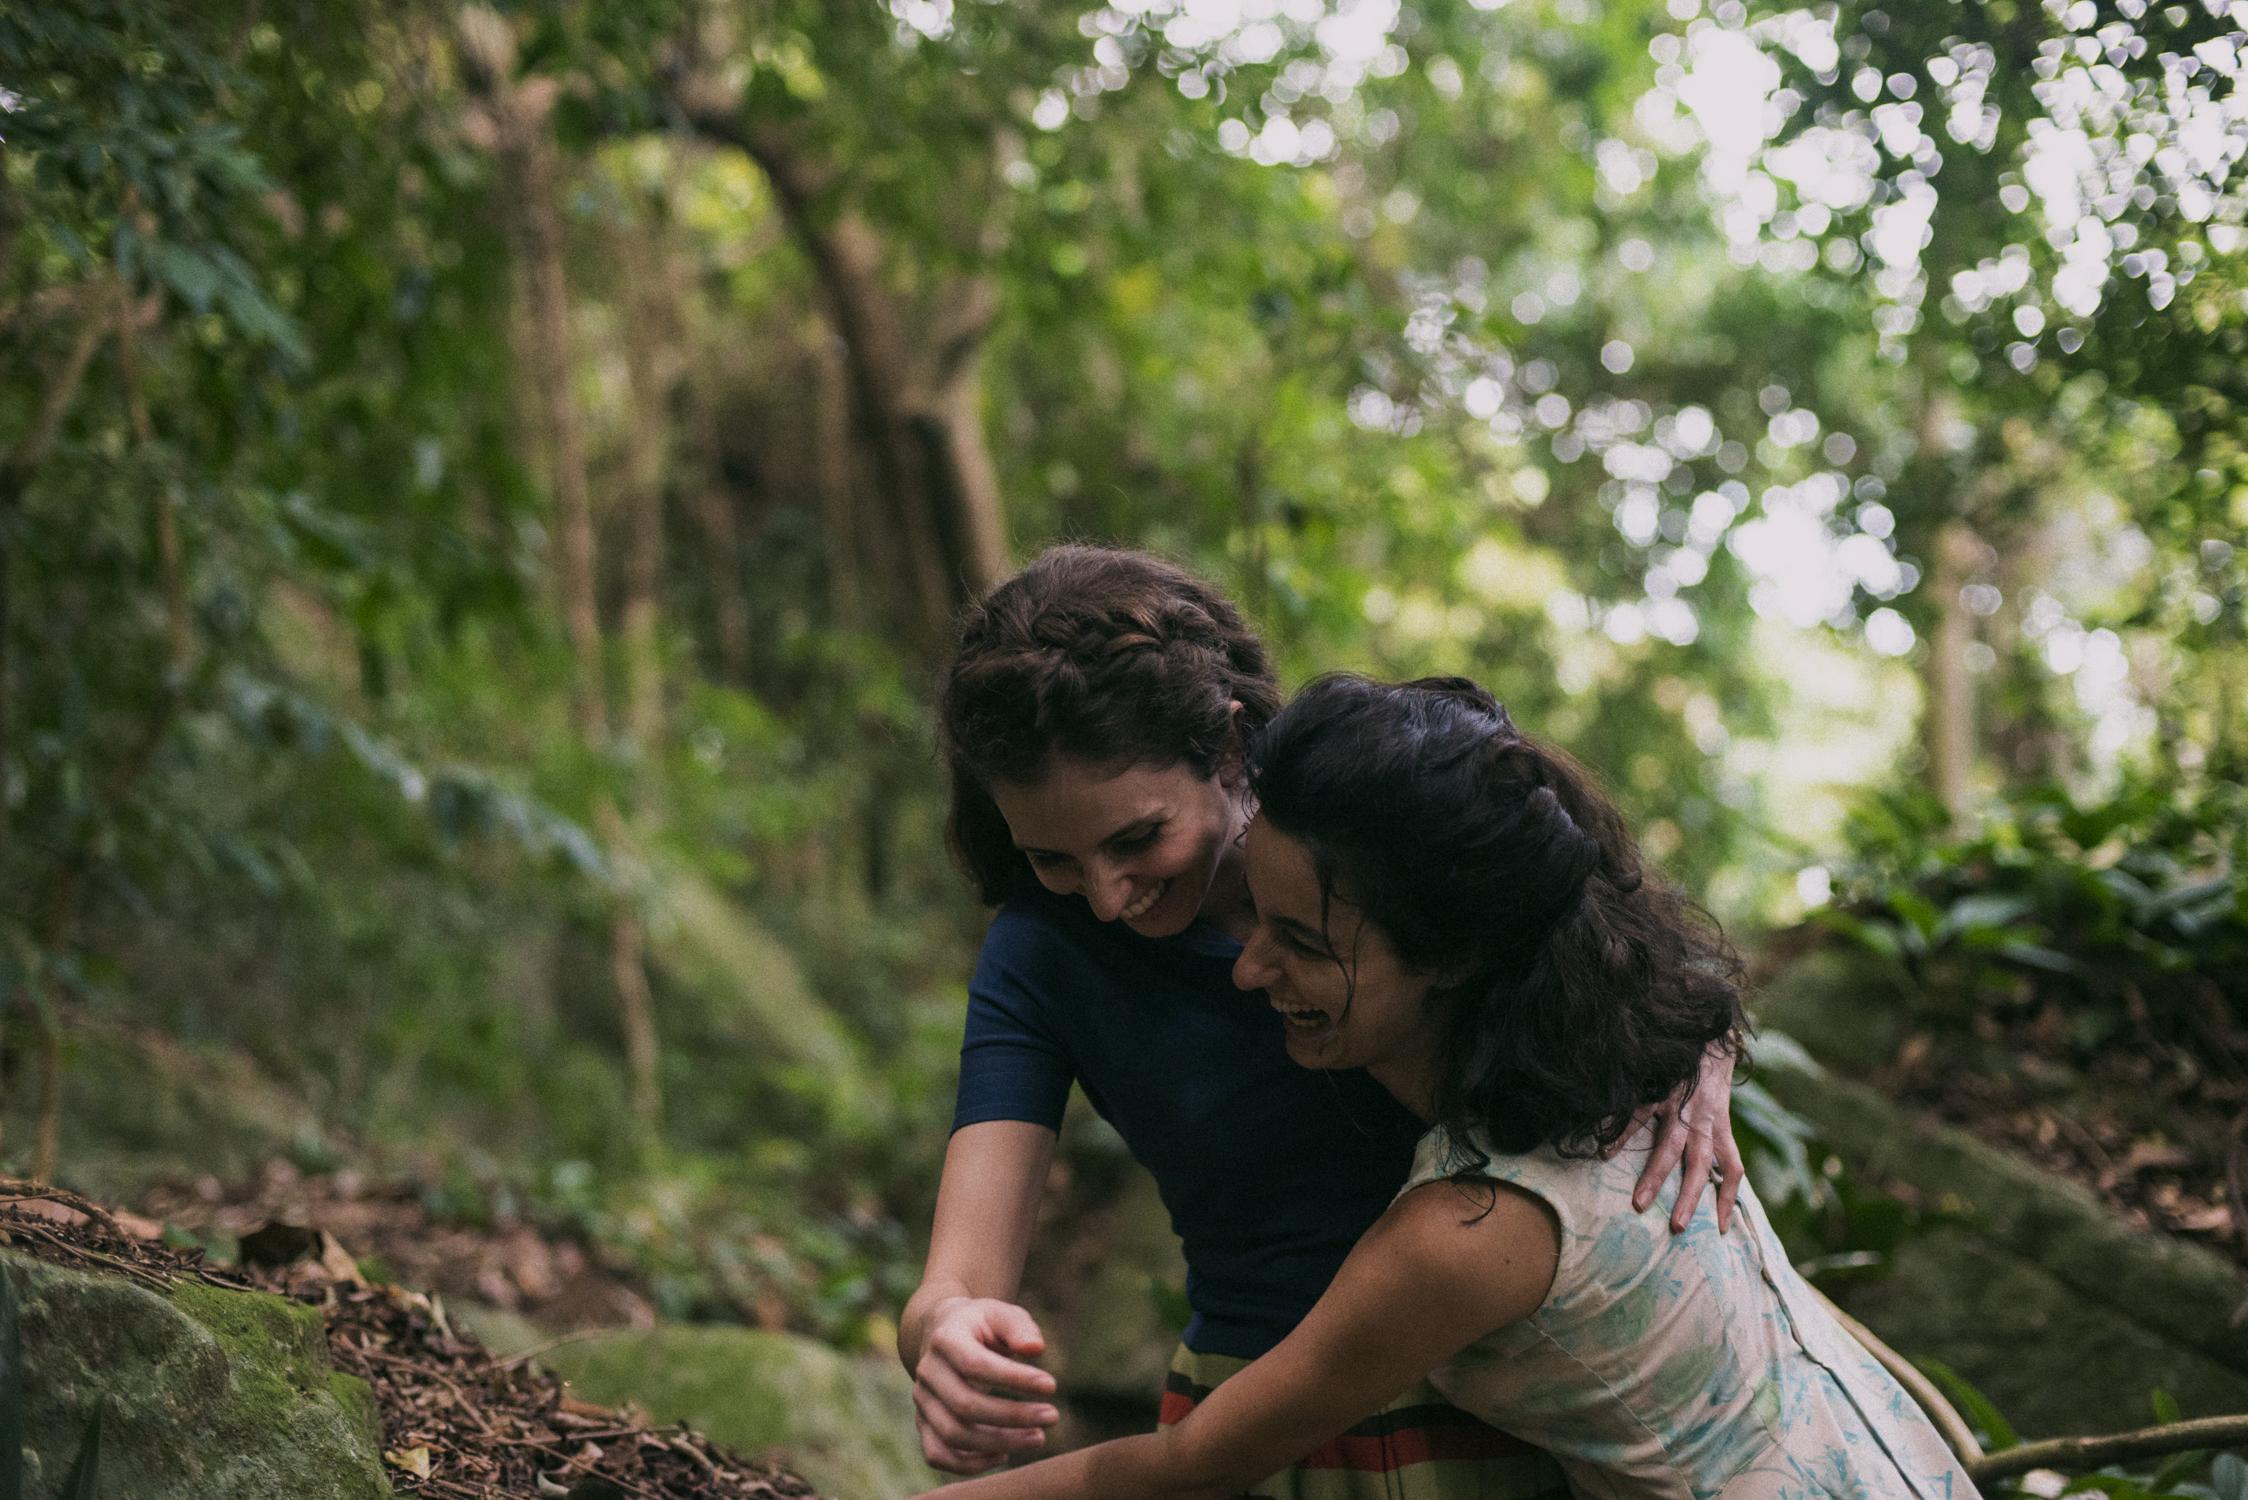 《被遺忘的人生》描寫一對感情深厚的姐妹,因遭逢變故分離兩地的感人故事。(台北電影節)